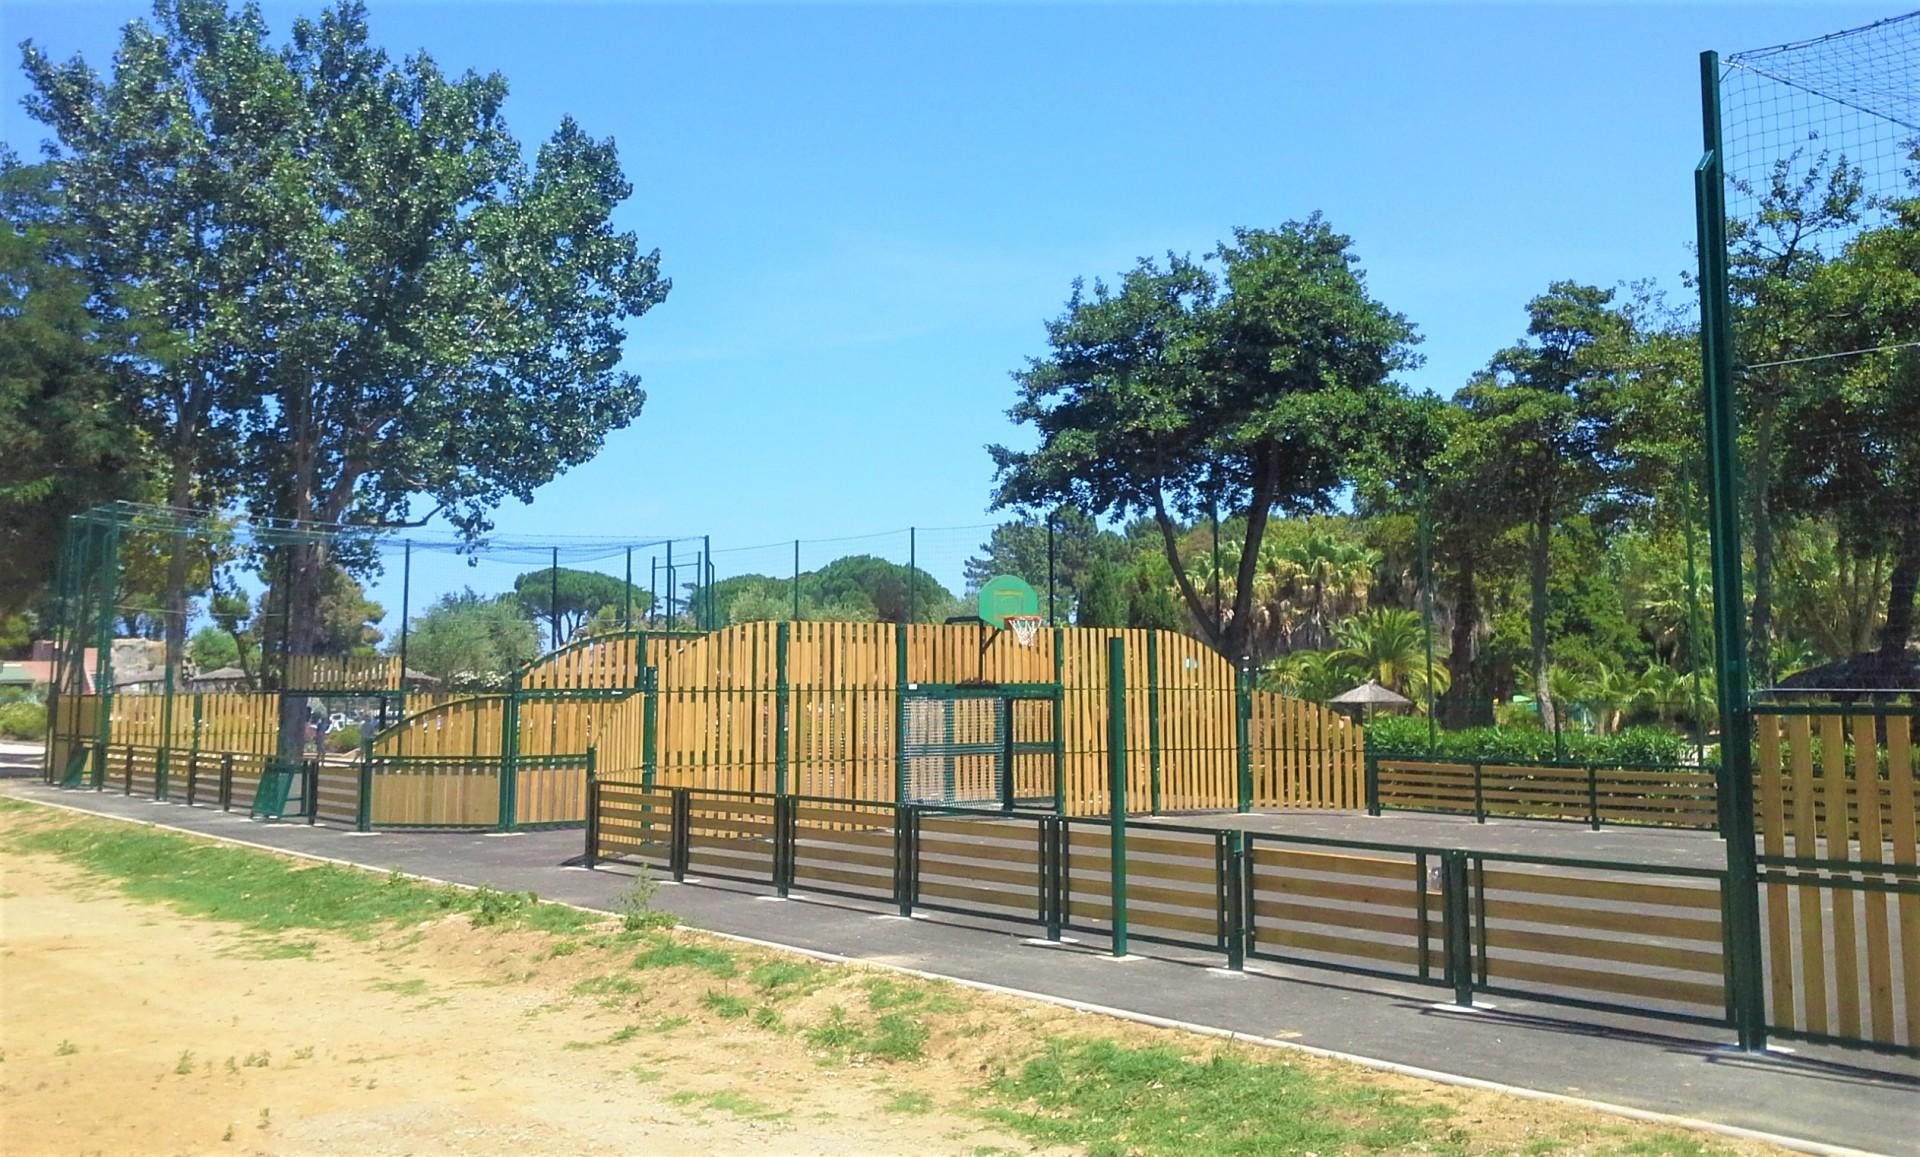 Terrain Sportif Bois